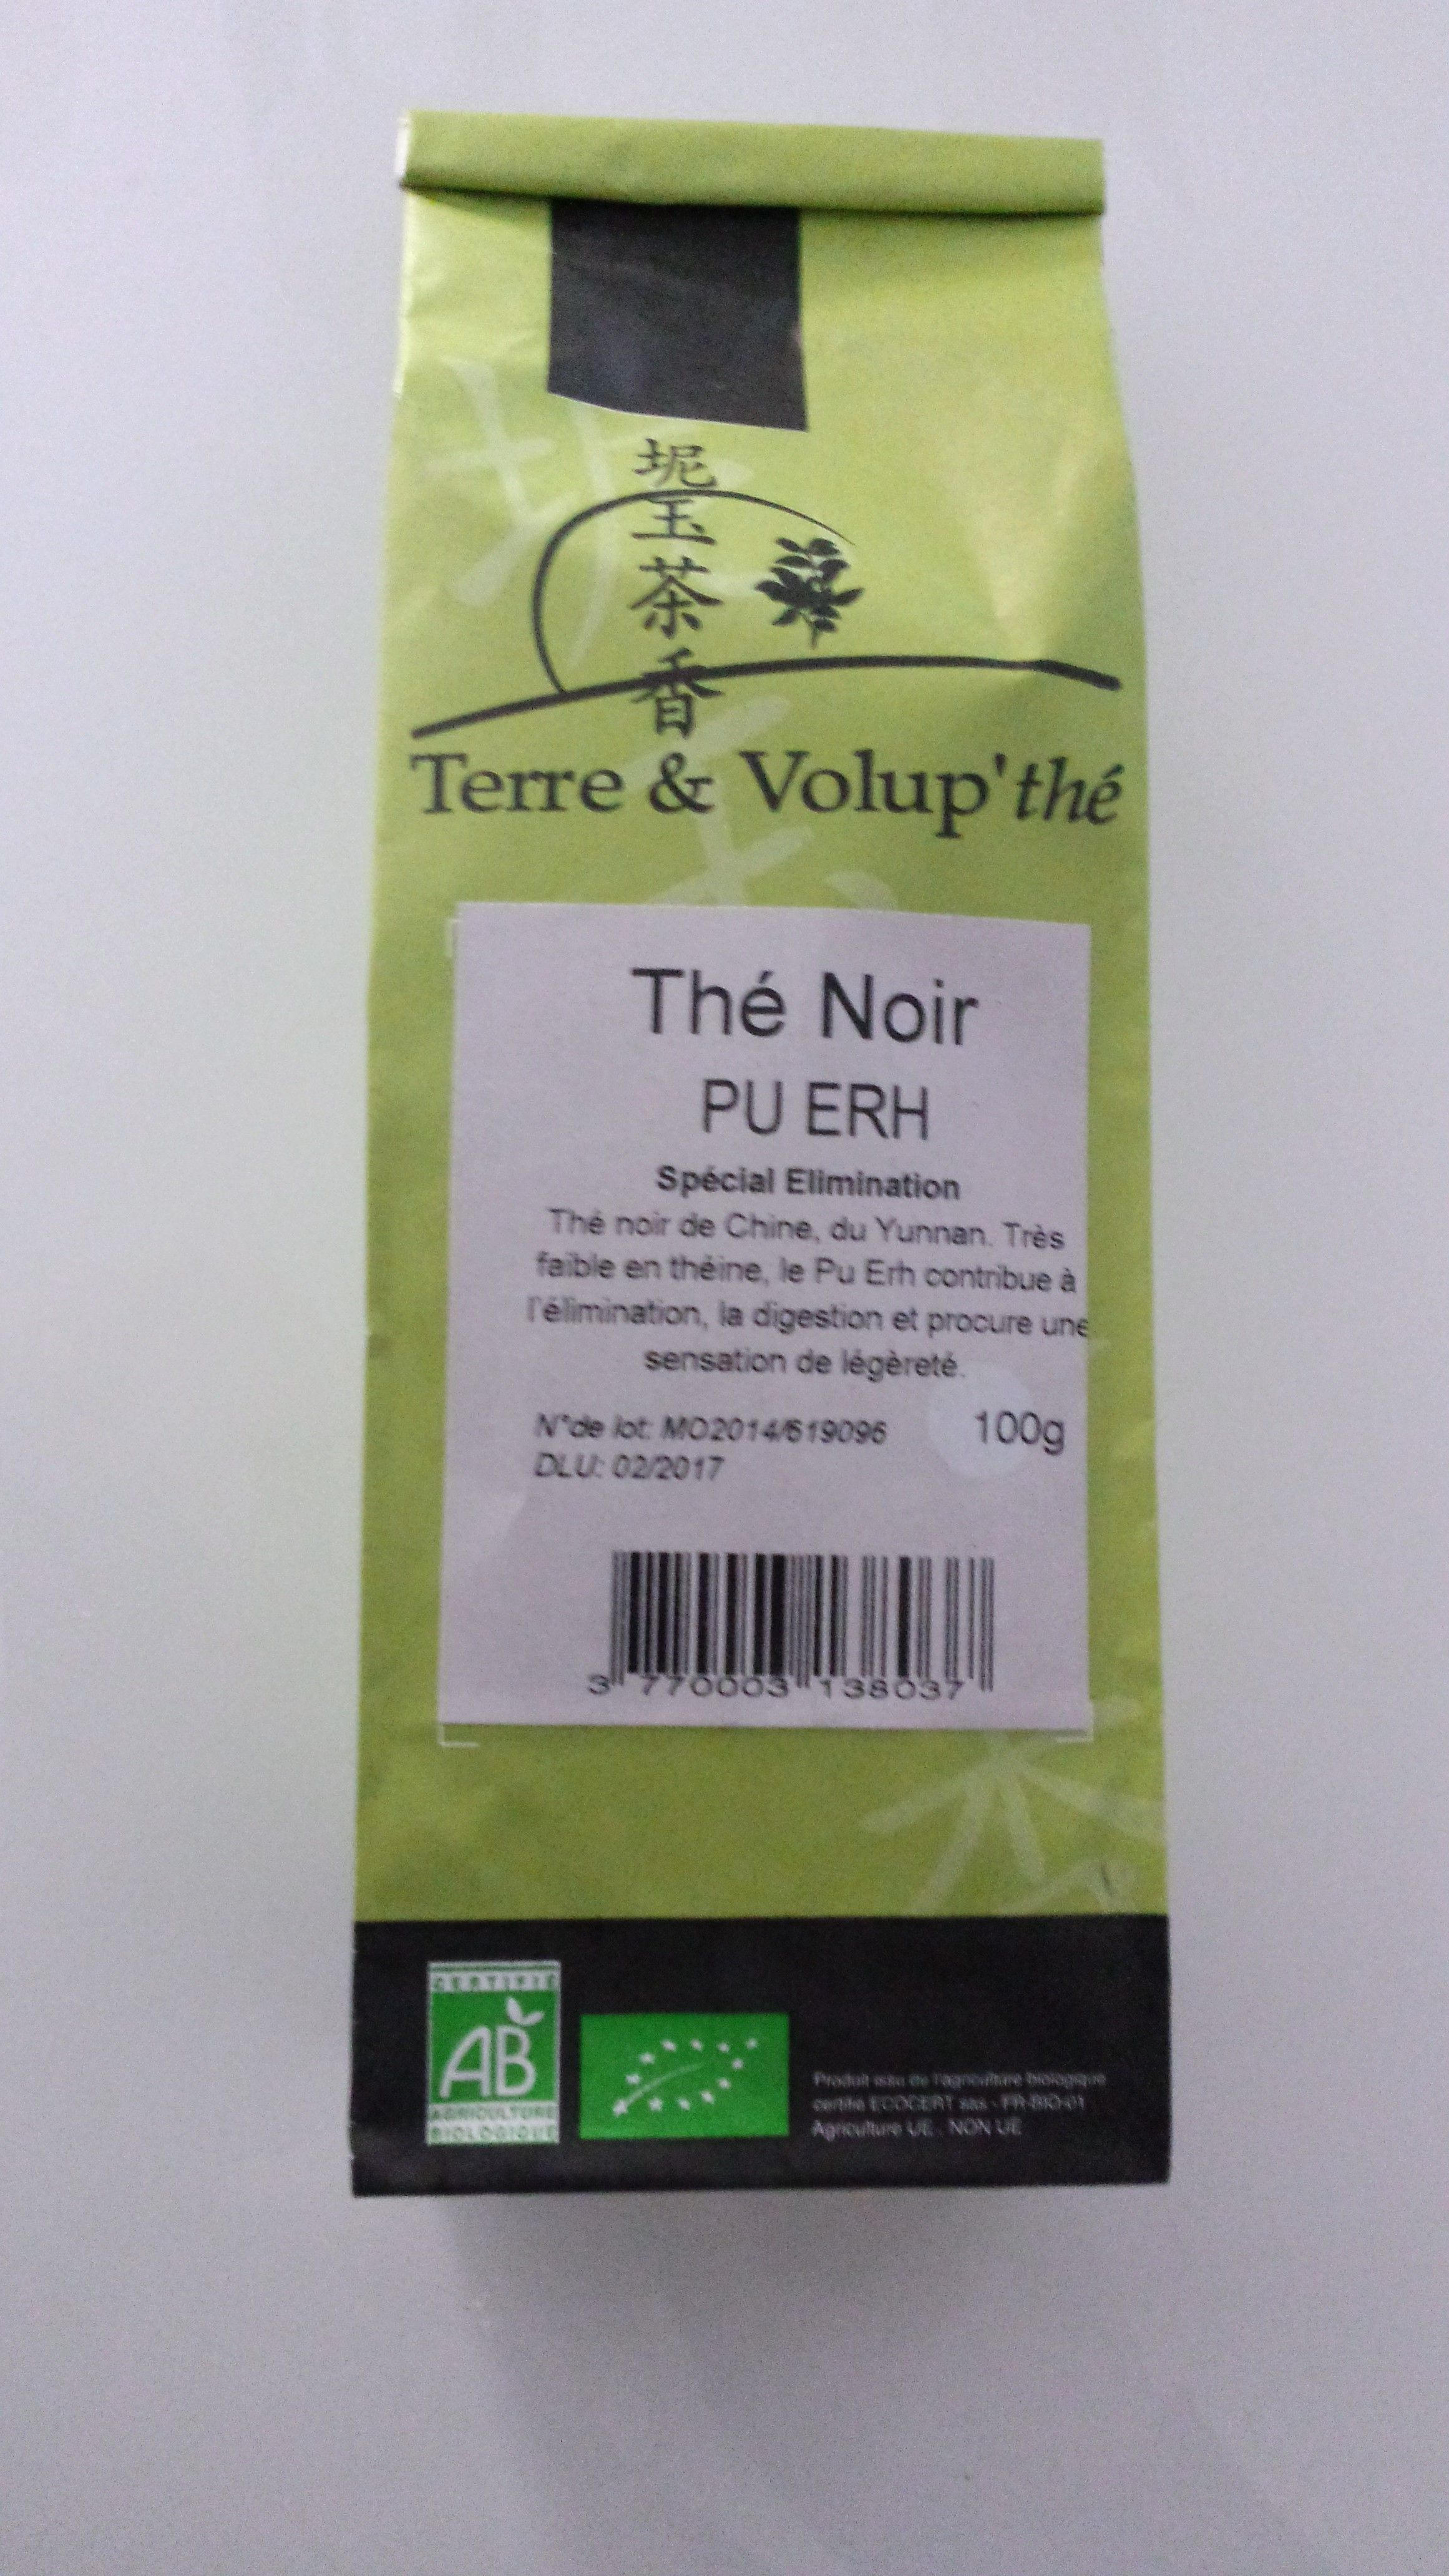 Pu Erh Tee - Angenehm und mild im Geschmack. Dieser Diät-Tee aus der chinesischen Provinz Yunnan enthält nur sehr wenig Tein. Er vermittelt ein Gefühl von Wohlbefinden und Leichtigkeit. Ein Gewichtsverlust wird unterstützt, der Cholesterinspiegel verringert, die Verdauung und Darmfunktion erleichtert, der Fettspiegel im Blut reduziert und die Leber gereinigt. http://www.youthful-institut.de/shop/tea/pu-erh-bio-special-elimination/ #losertee #puerhtee